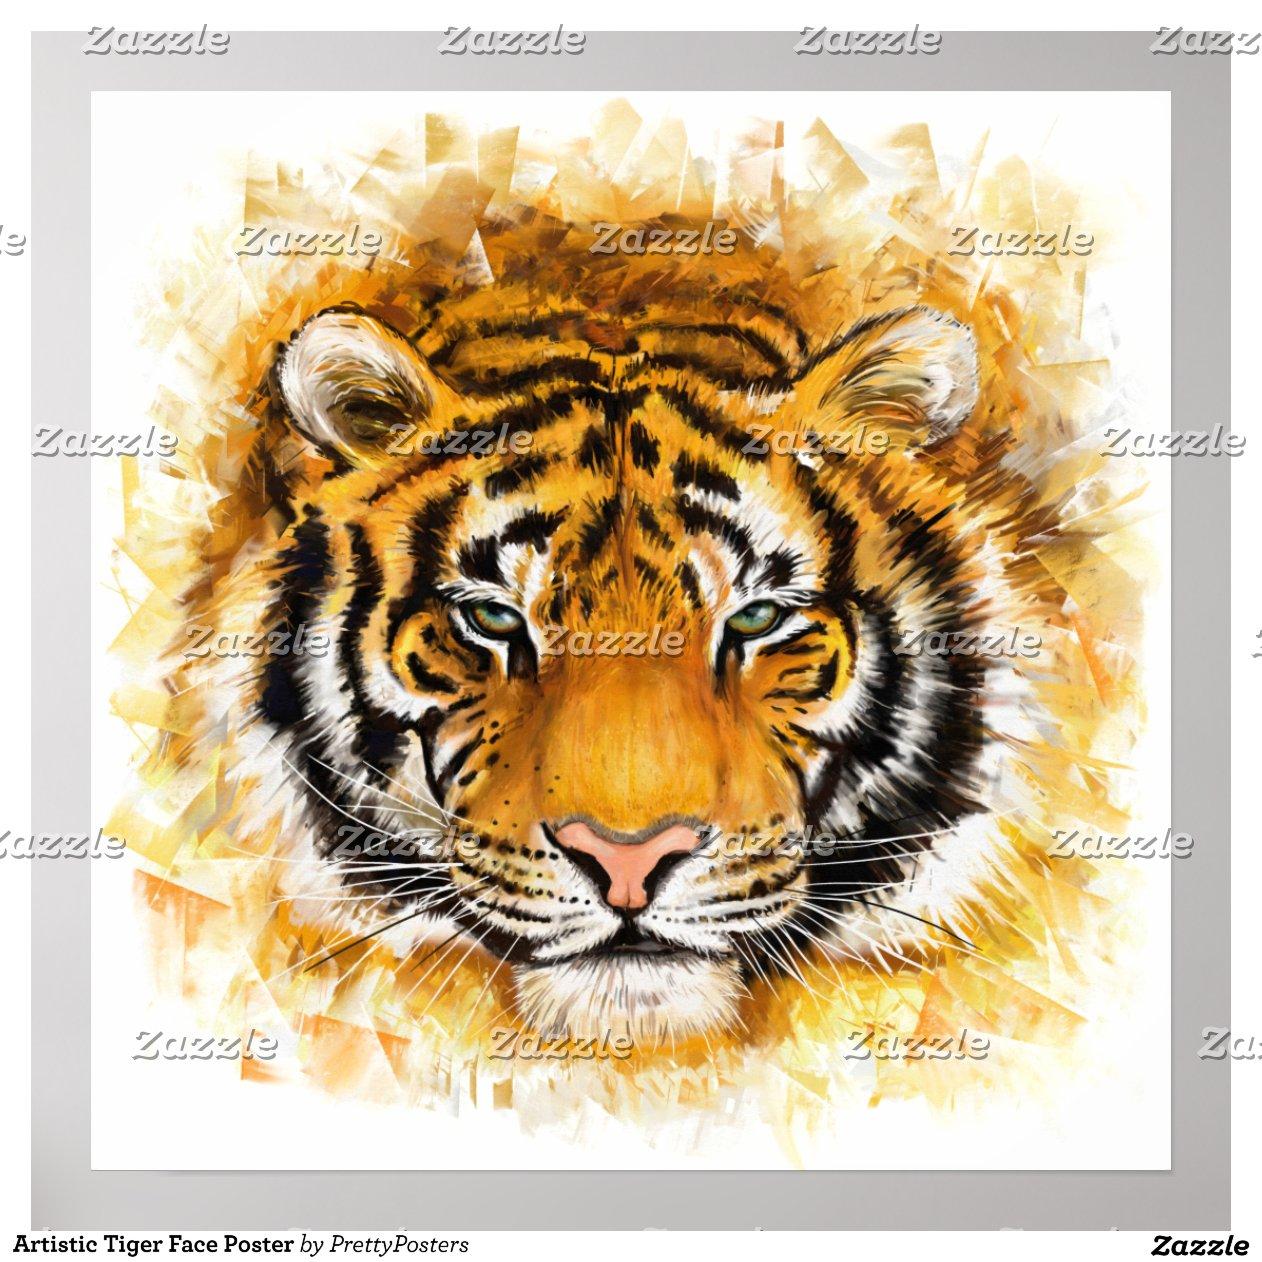 Artistic Tiger Face Poster Zazzle